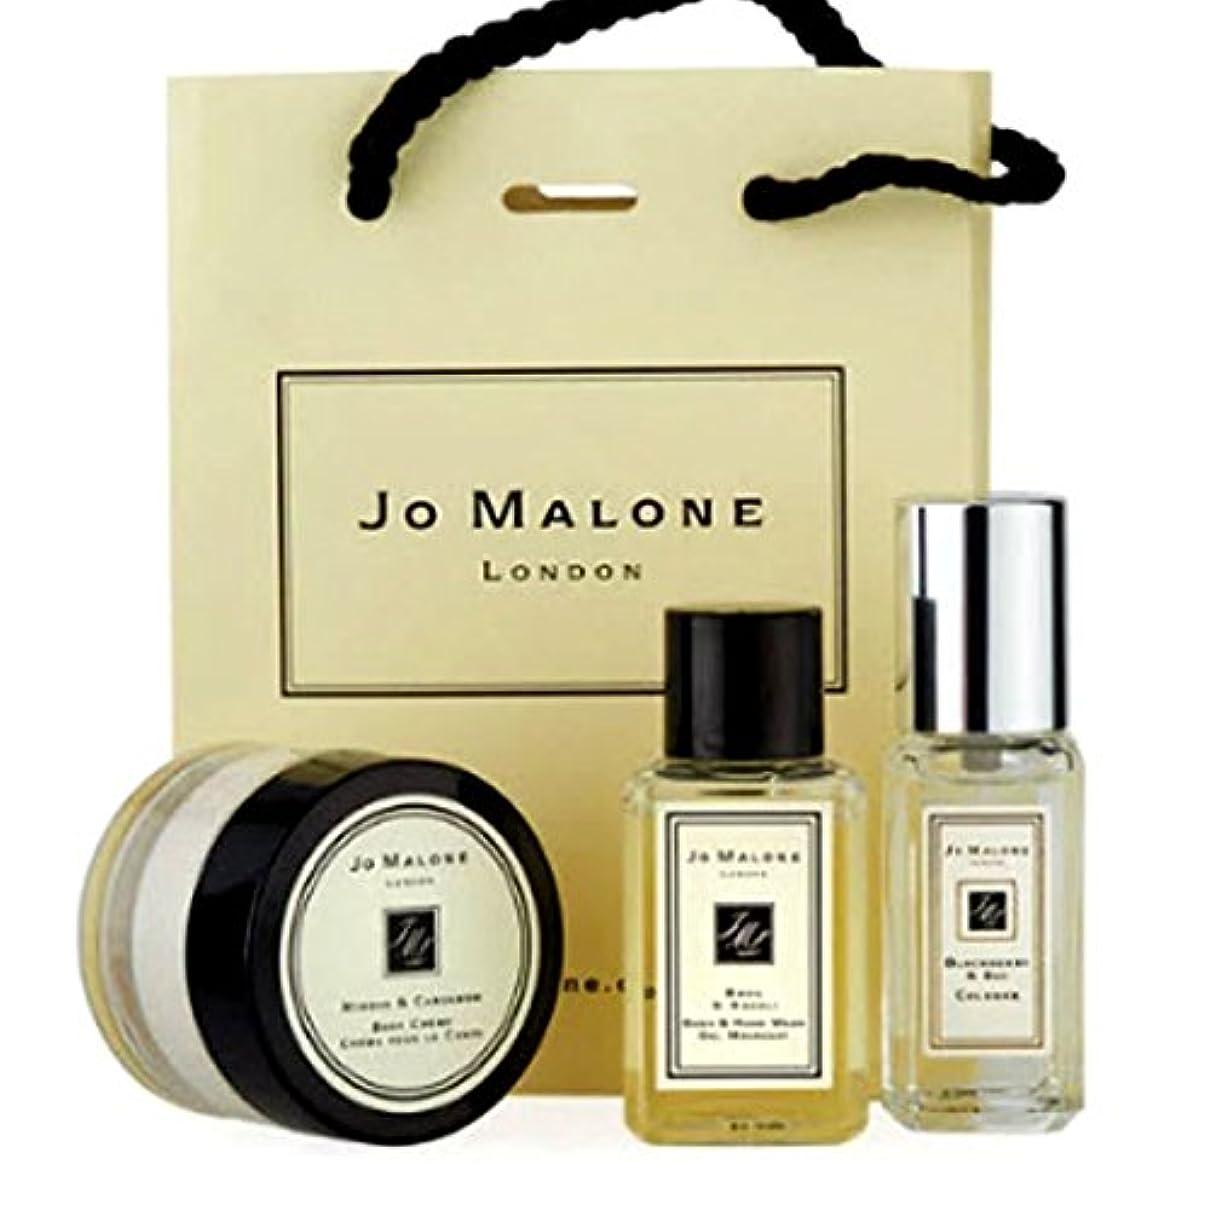 品種邪魔記録Jo Malone London ジョーマローン,Travel Size 3/set [海外直送品] [並行輸入品]